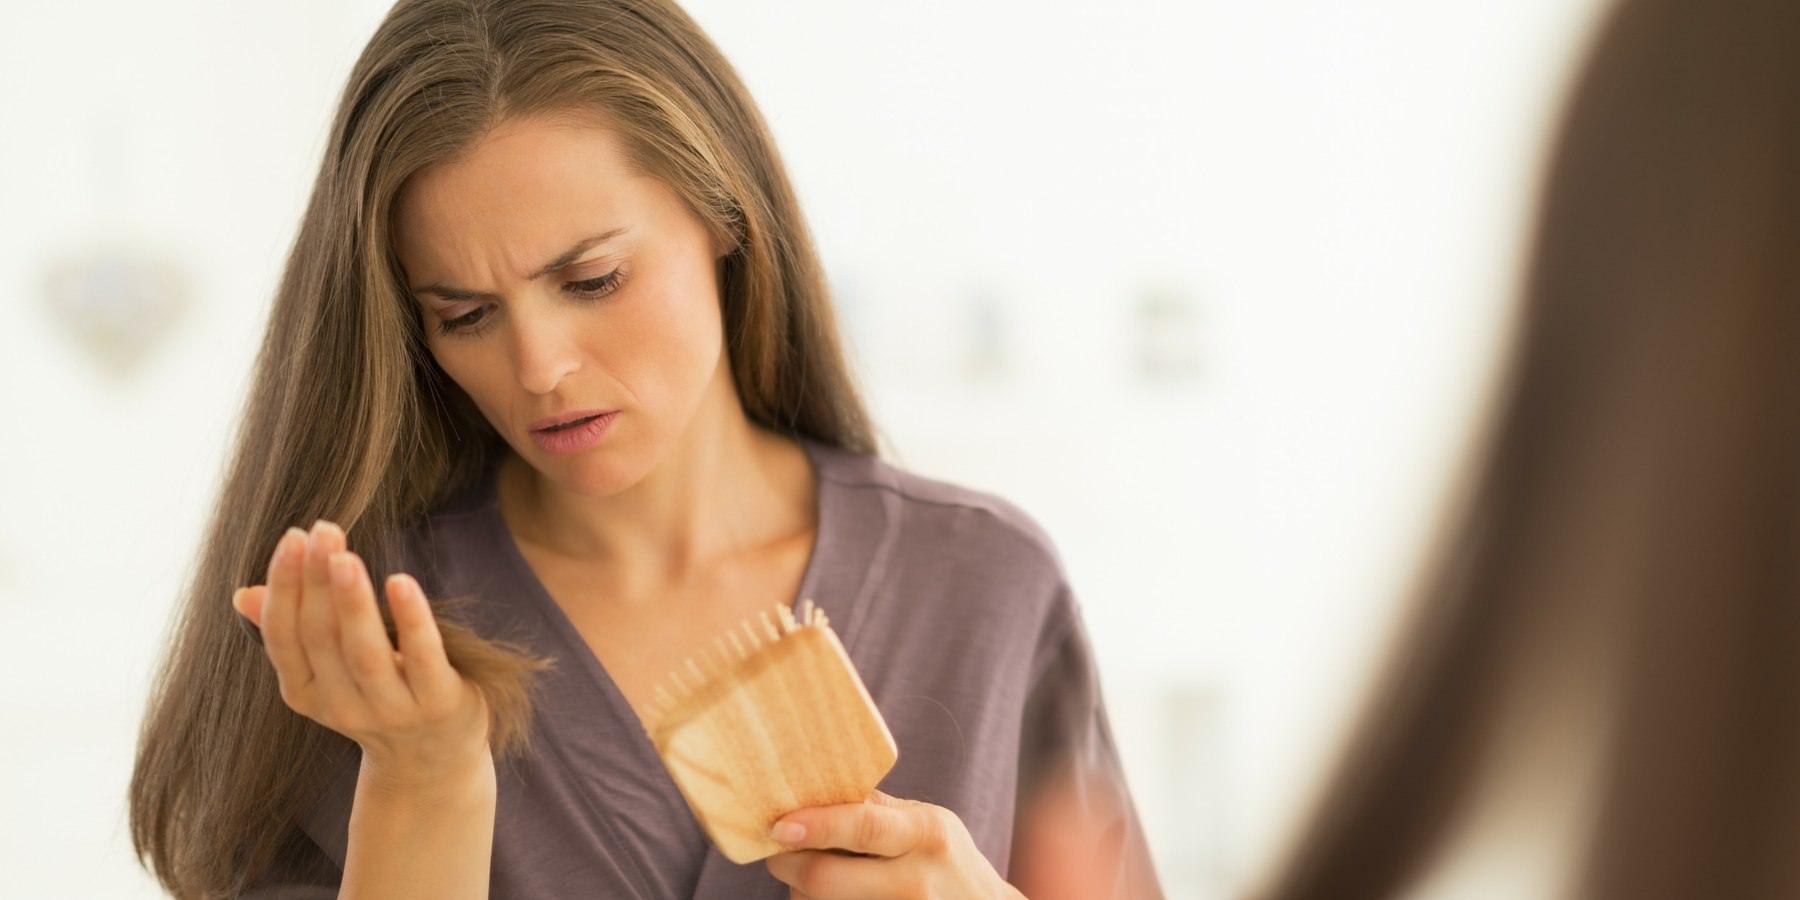 Продукты, которые могут помочь предотвратить выпадения волос